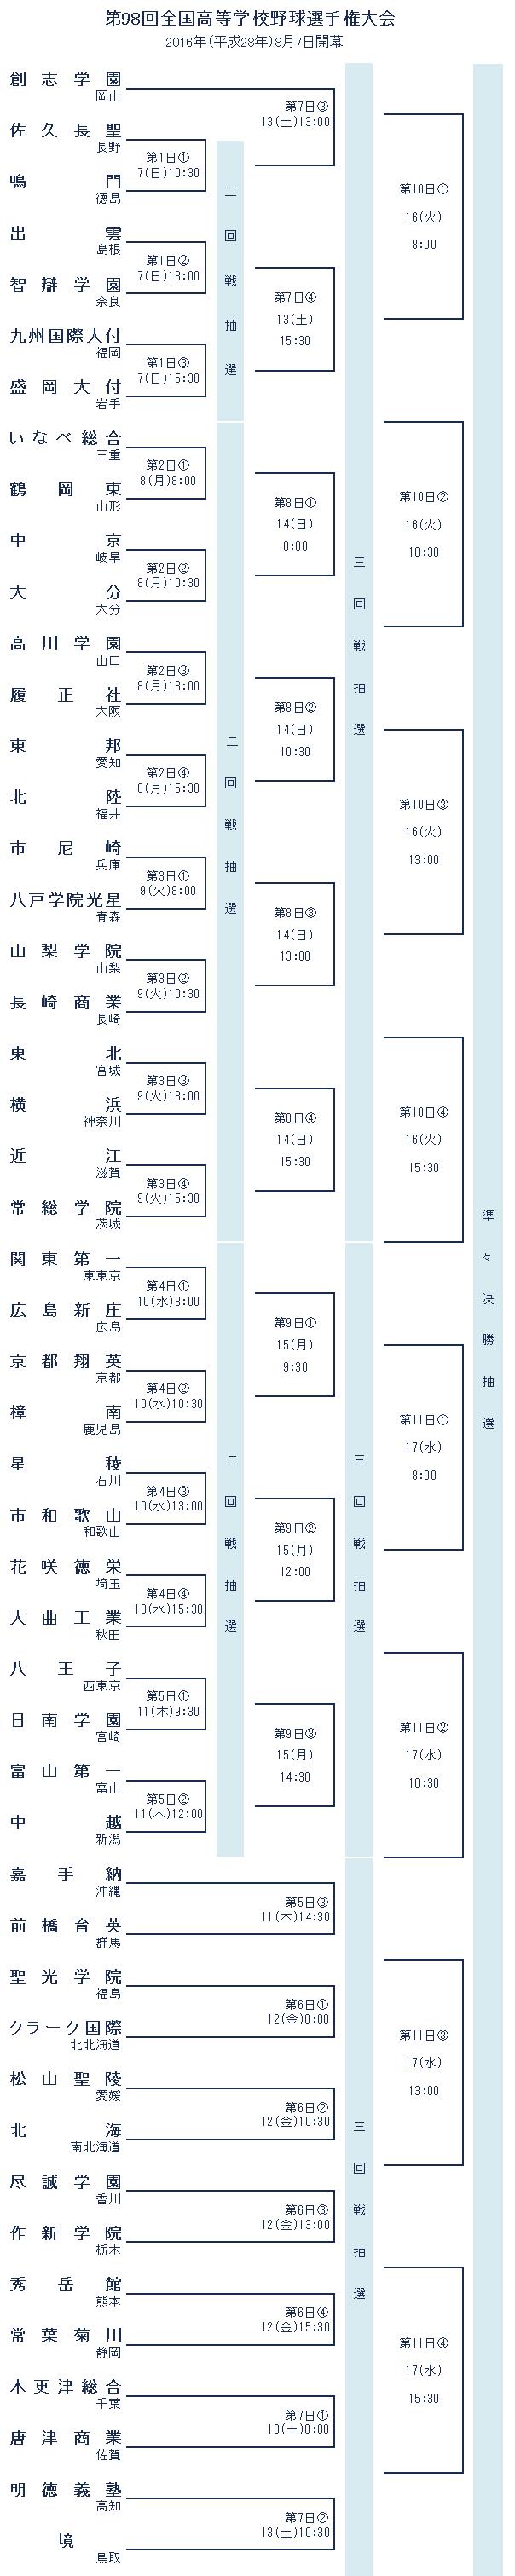 甲子園 組み合わせ 2016 夏